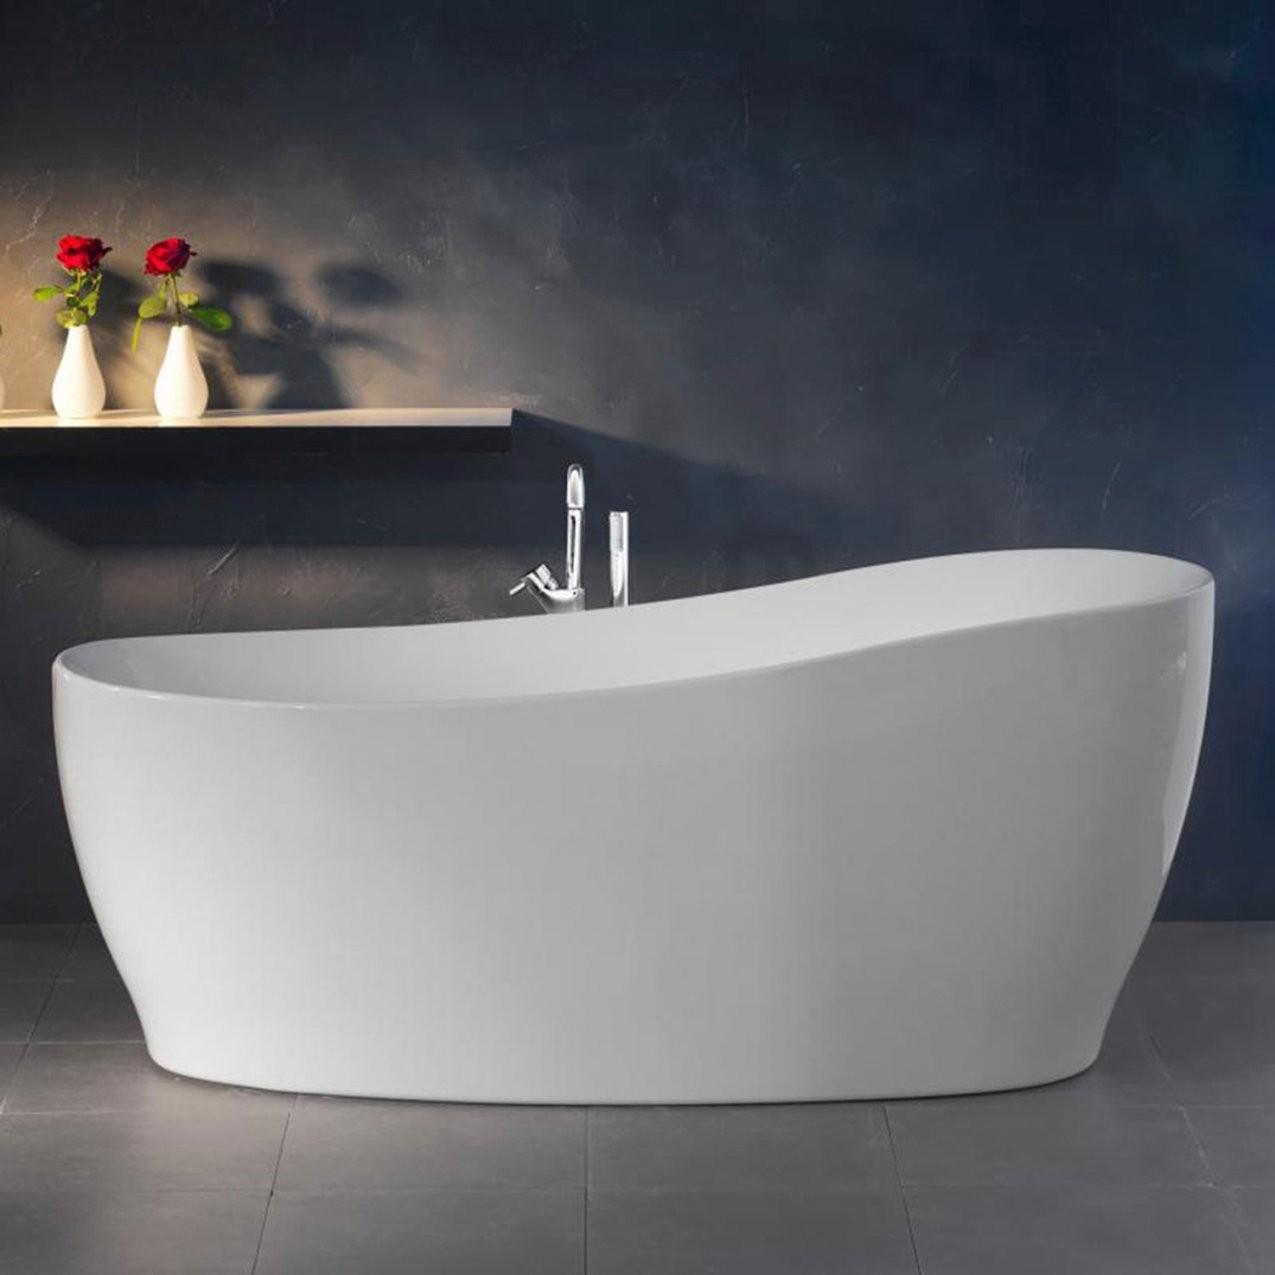 Freistehende Badewanne Aviva 180 Cm X 85 Cm Weiß Kaufen Bei Obi von Acryl Badewanne Freistehend Photo